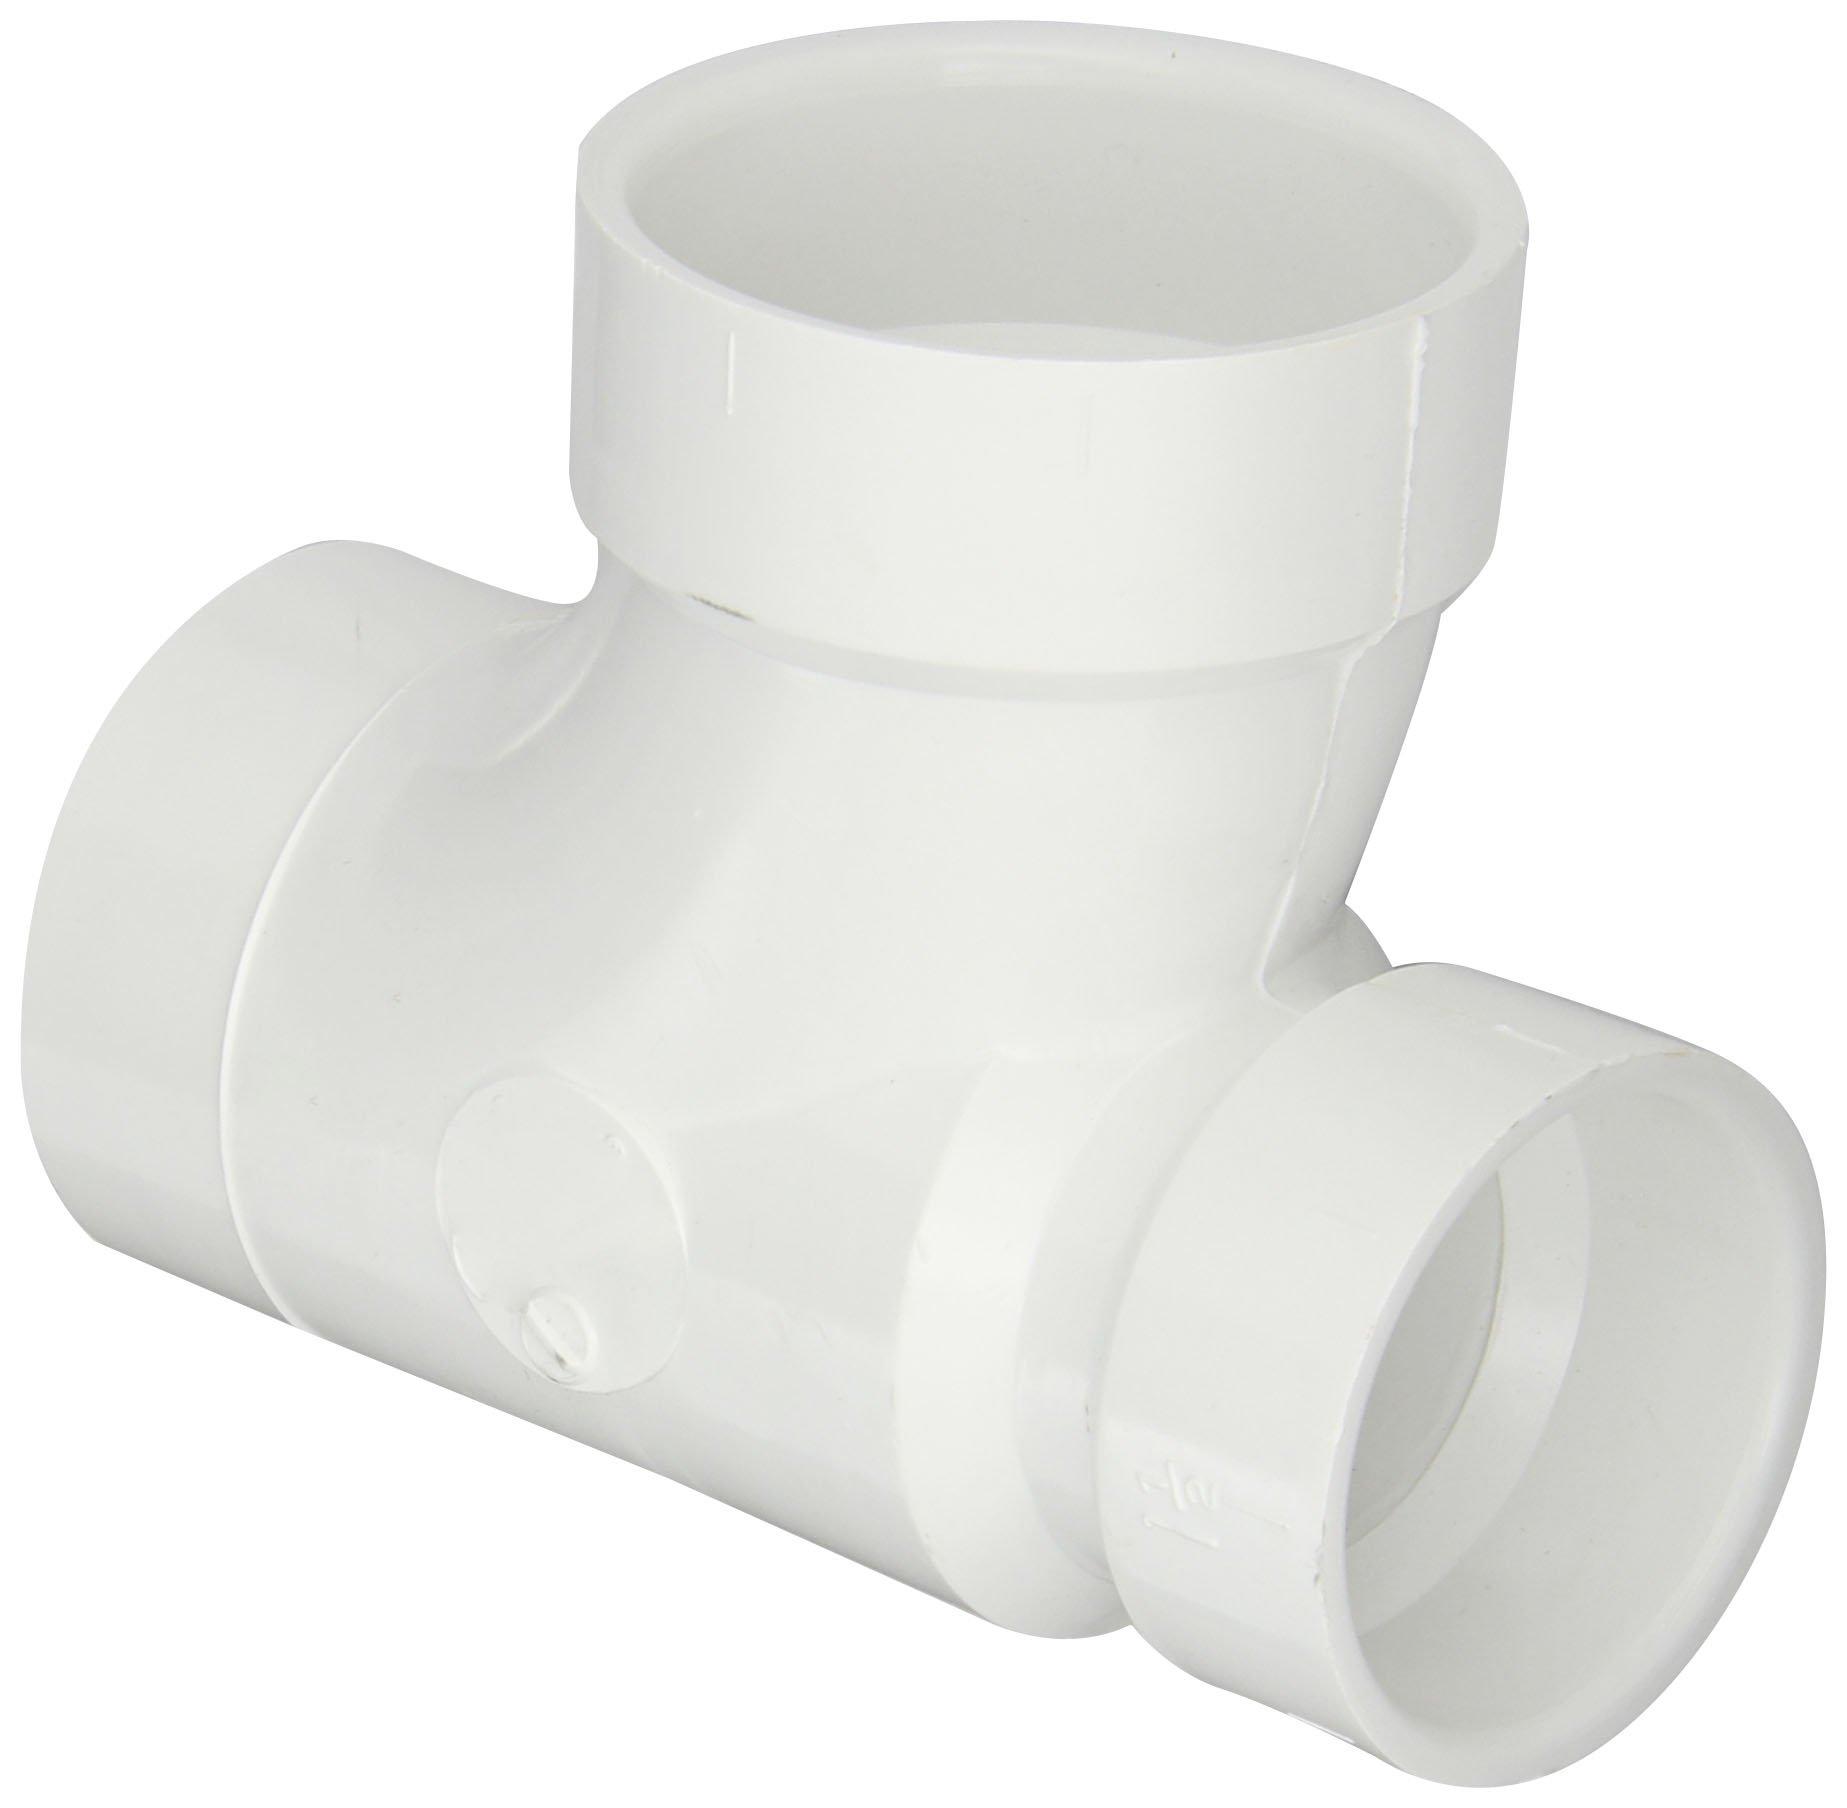 Spears P404 Series PVC DWV Pipe Fitting, Reducing Sanitary Tee, 2'' Spigot x 1-1/2'' Hub x 2'' Hub